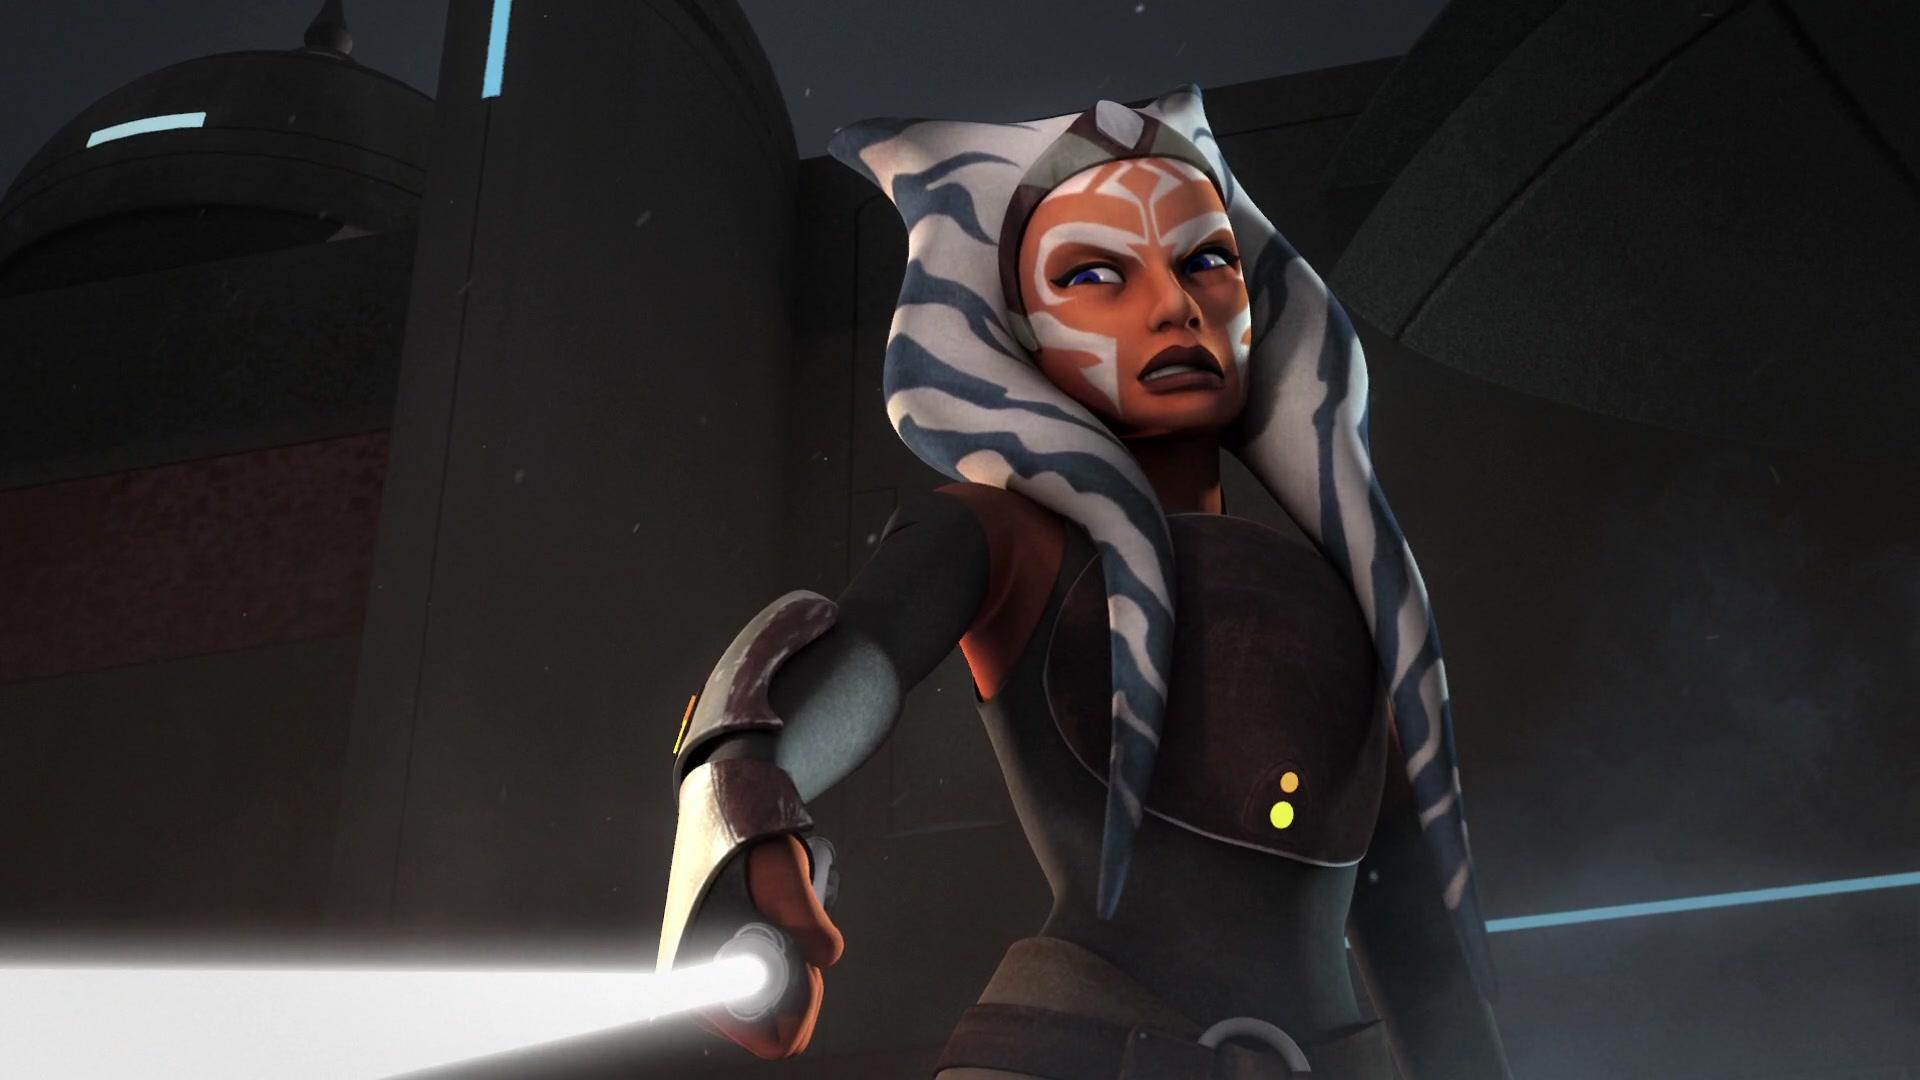 image - you are beaten | star wars rebels wiki | fandom